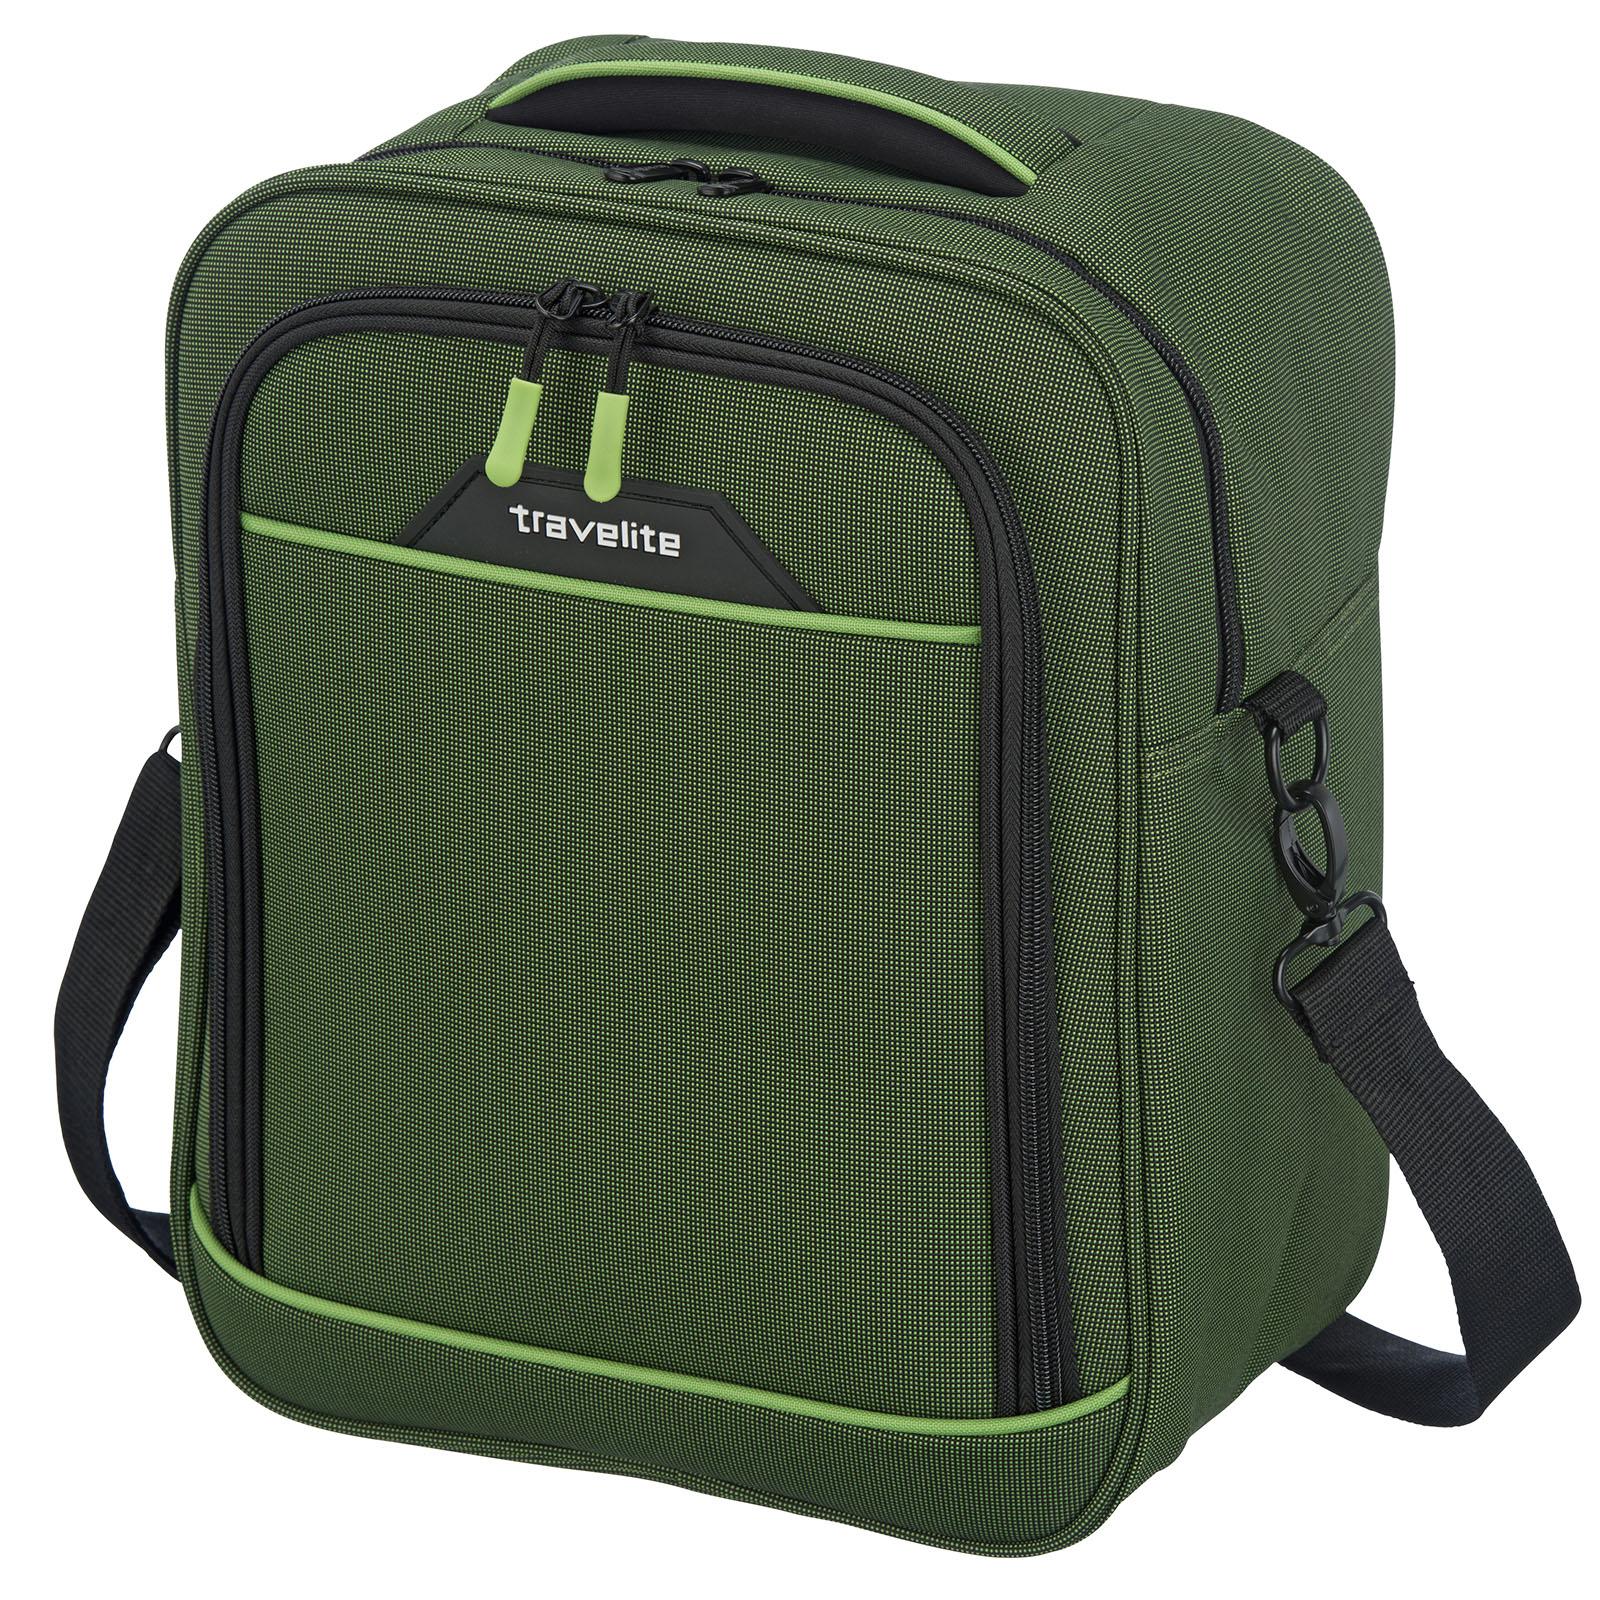 travelite-derby-grun-bordtasche-hoch